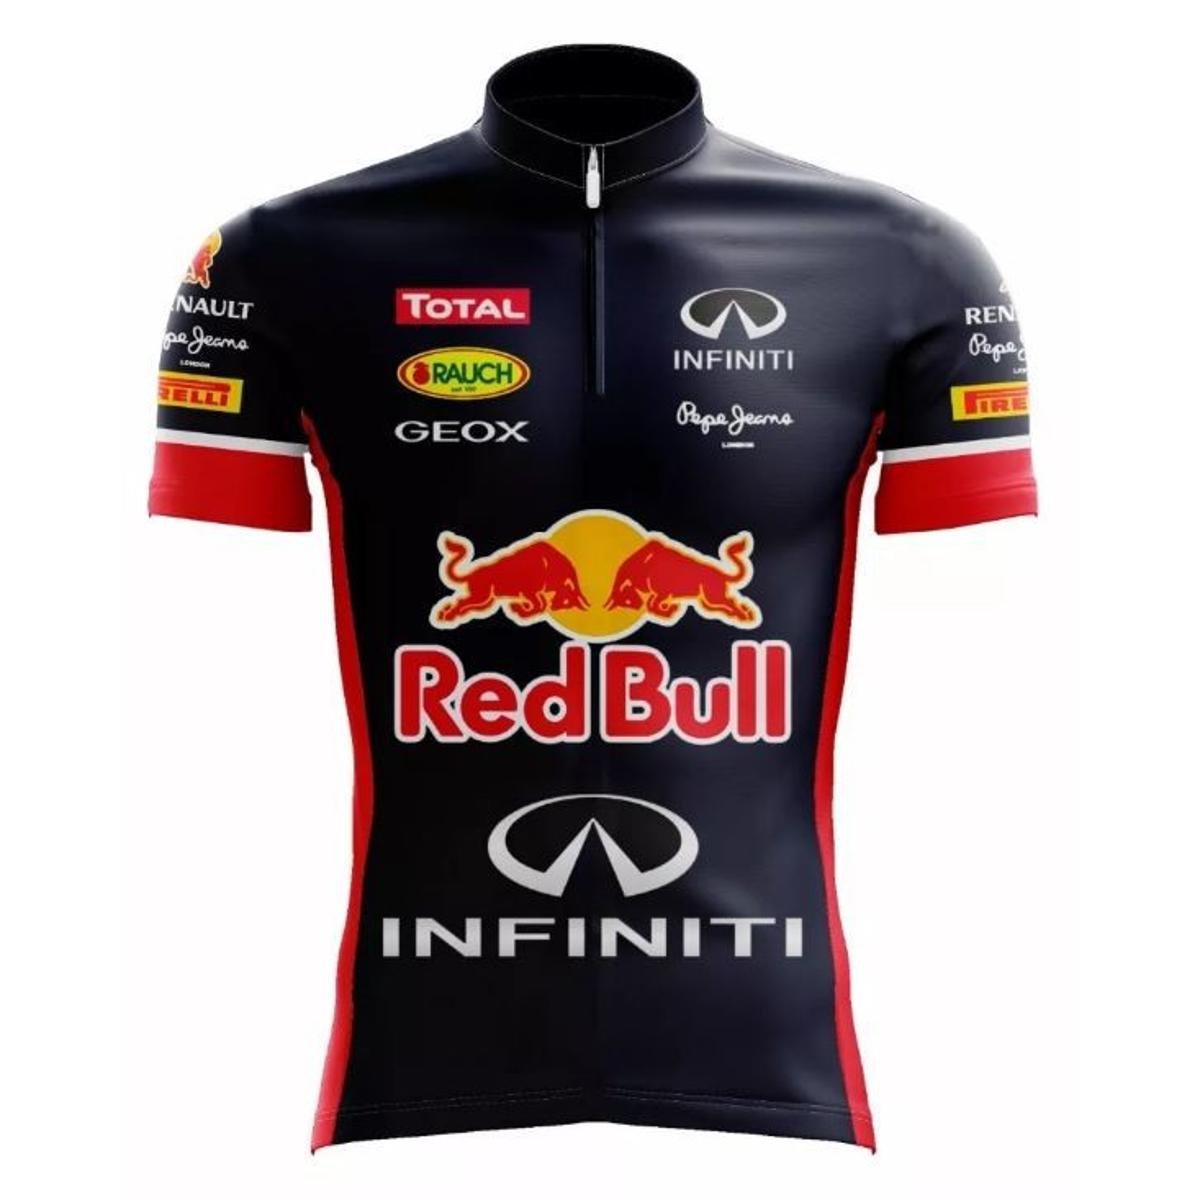 e60c2e0e9da31 Camisa Scape Red Bull Ciclismo Tradicional - Compre Agora